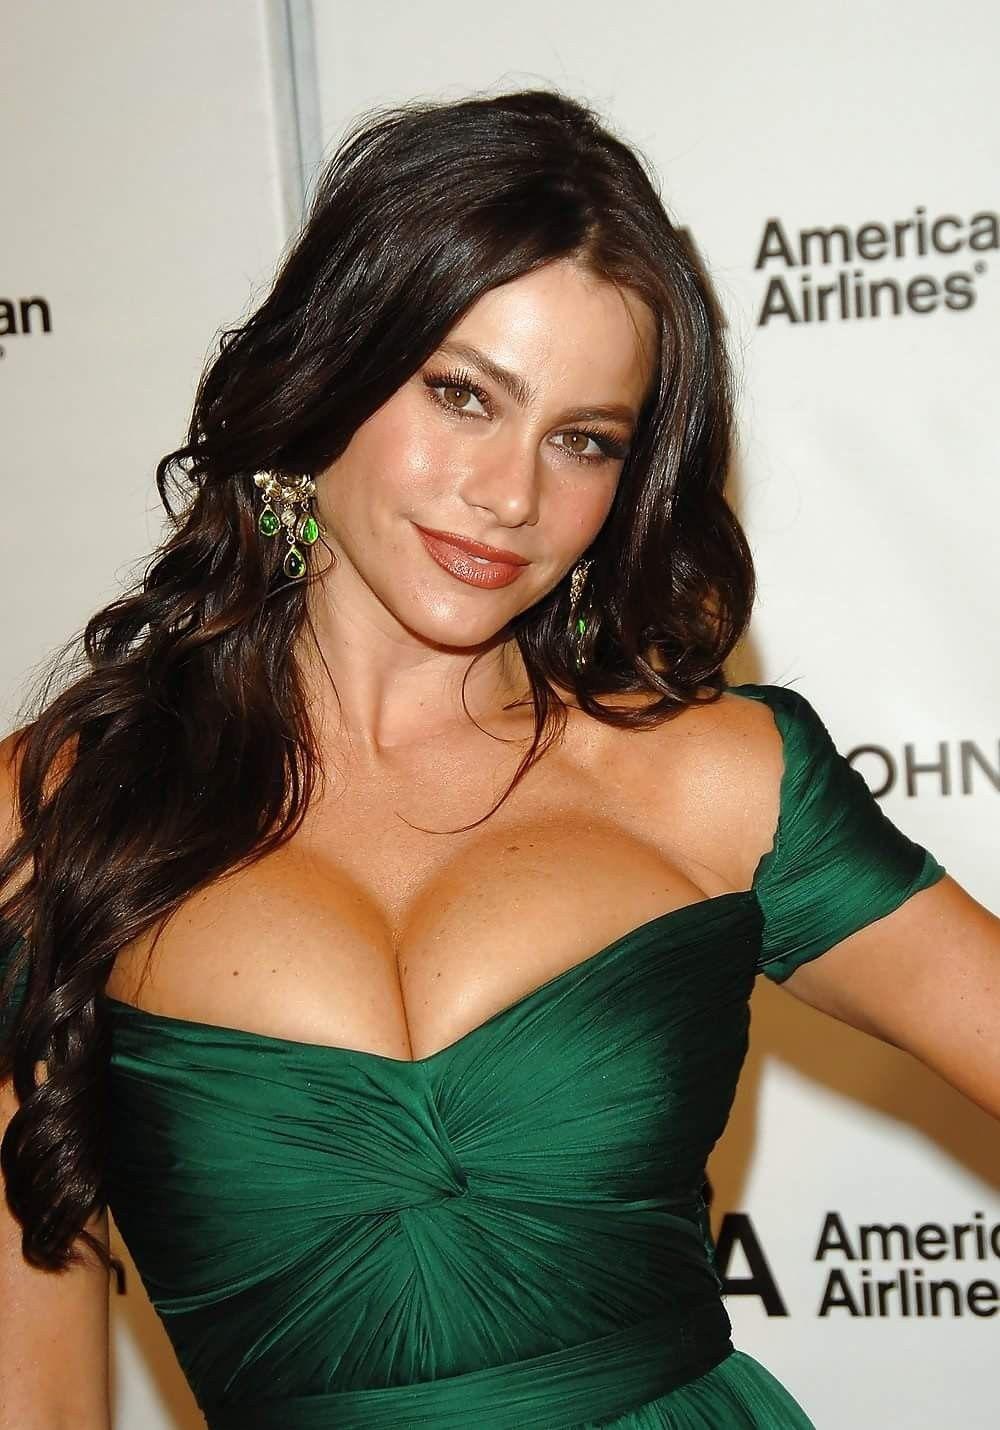 Sofia vergara sexy boobs